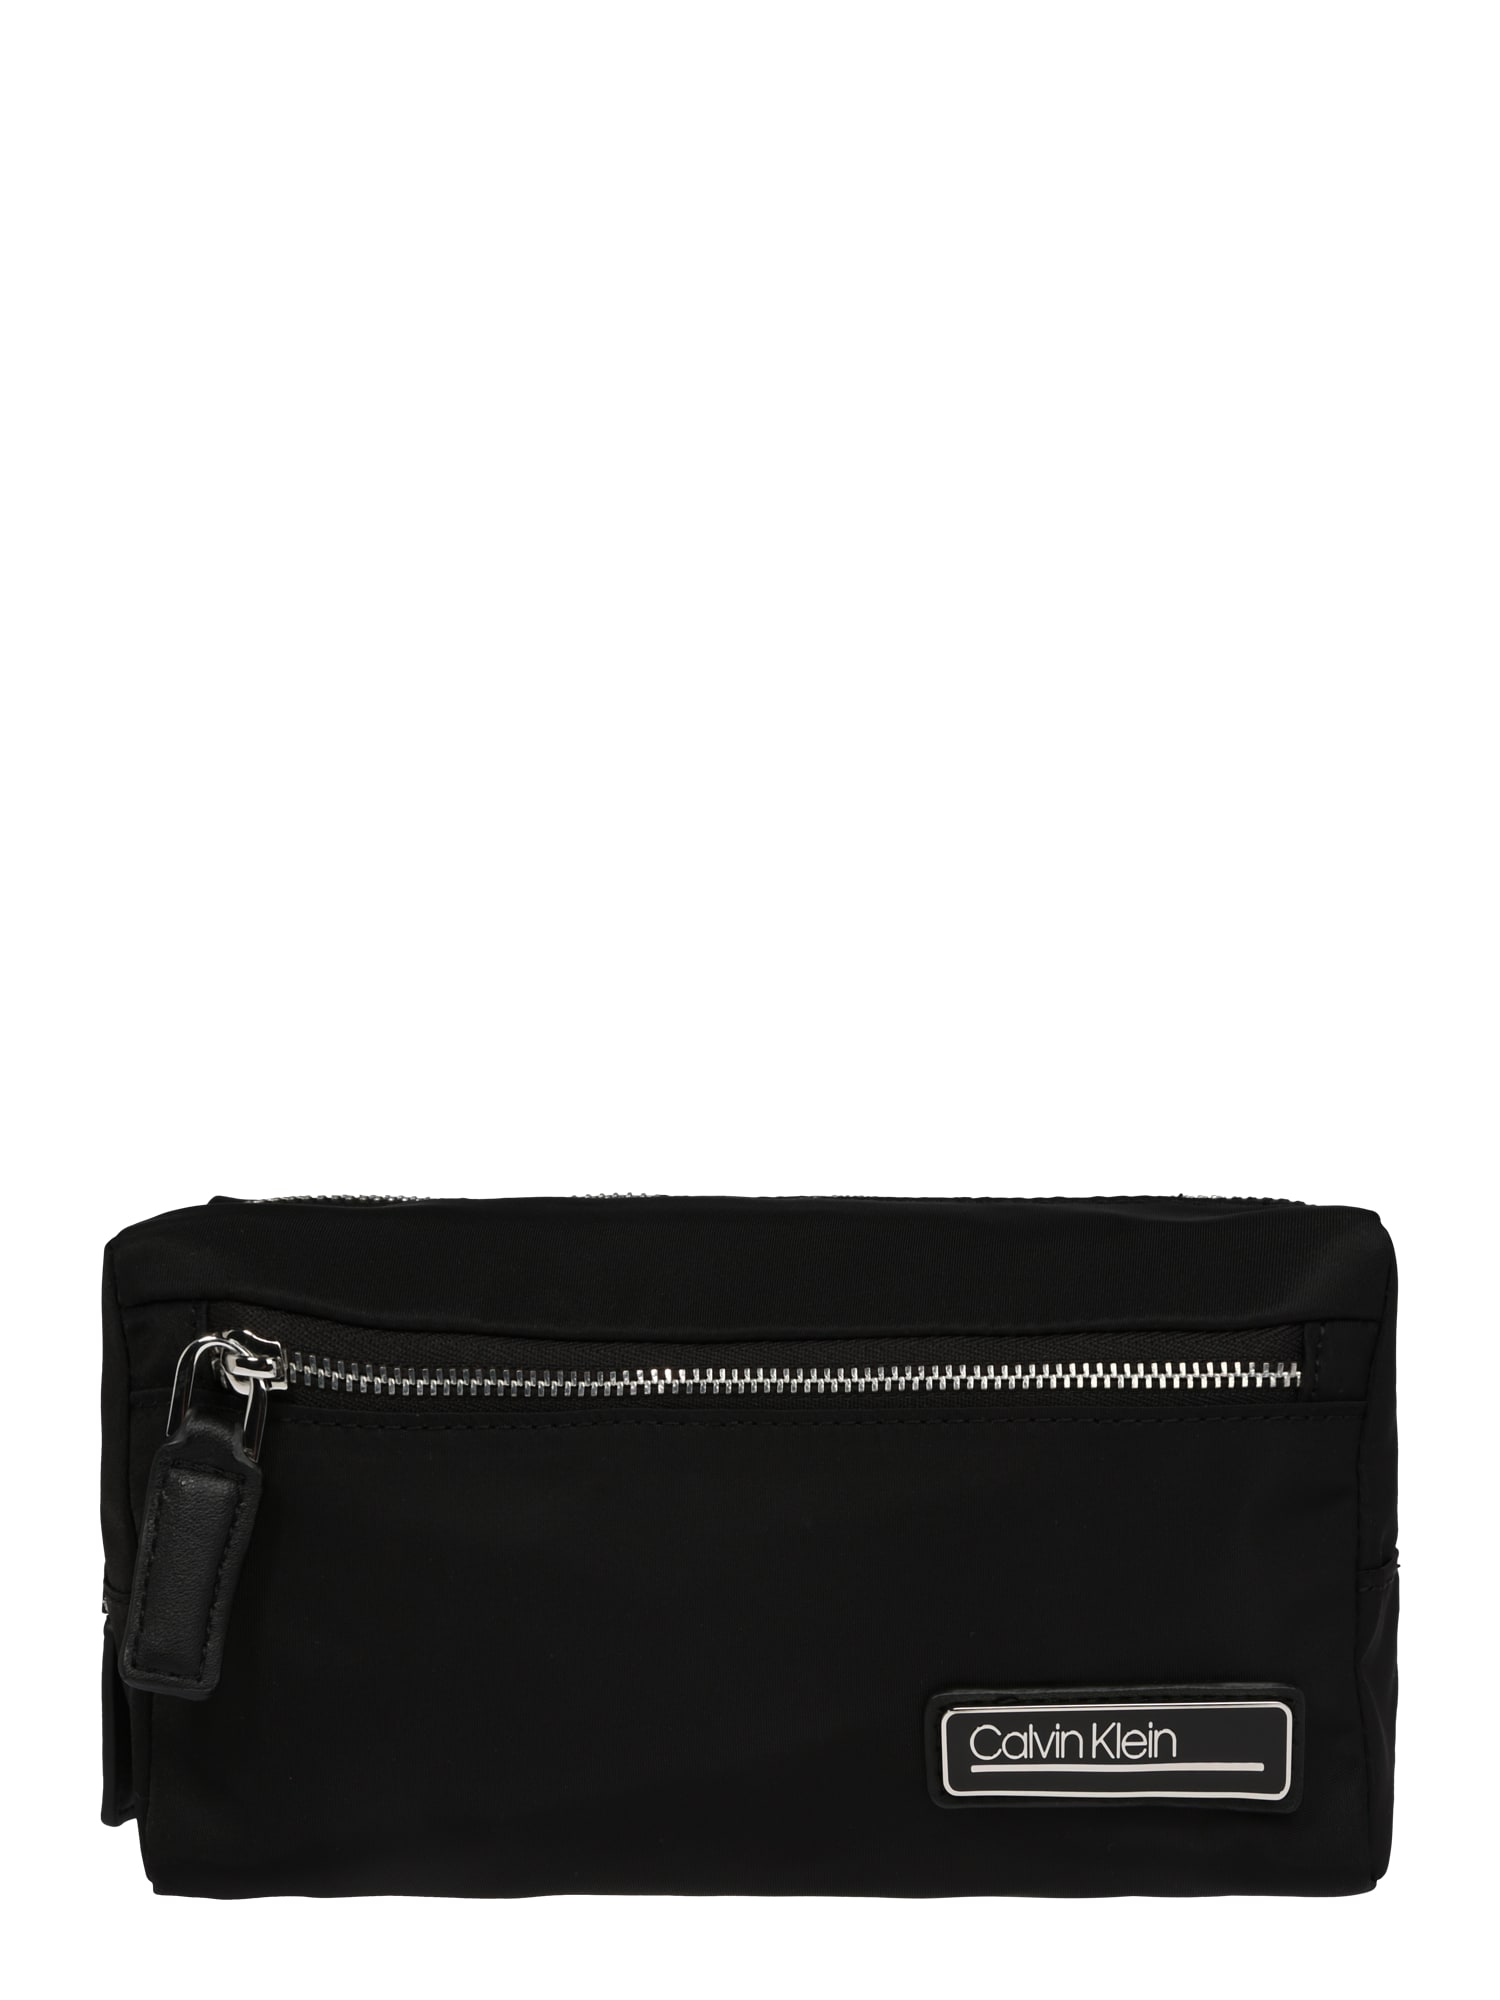 Calvin Klein Tualeto reikmenų / kosmetikos krepšys 'PRIMARY' juoda